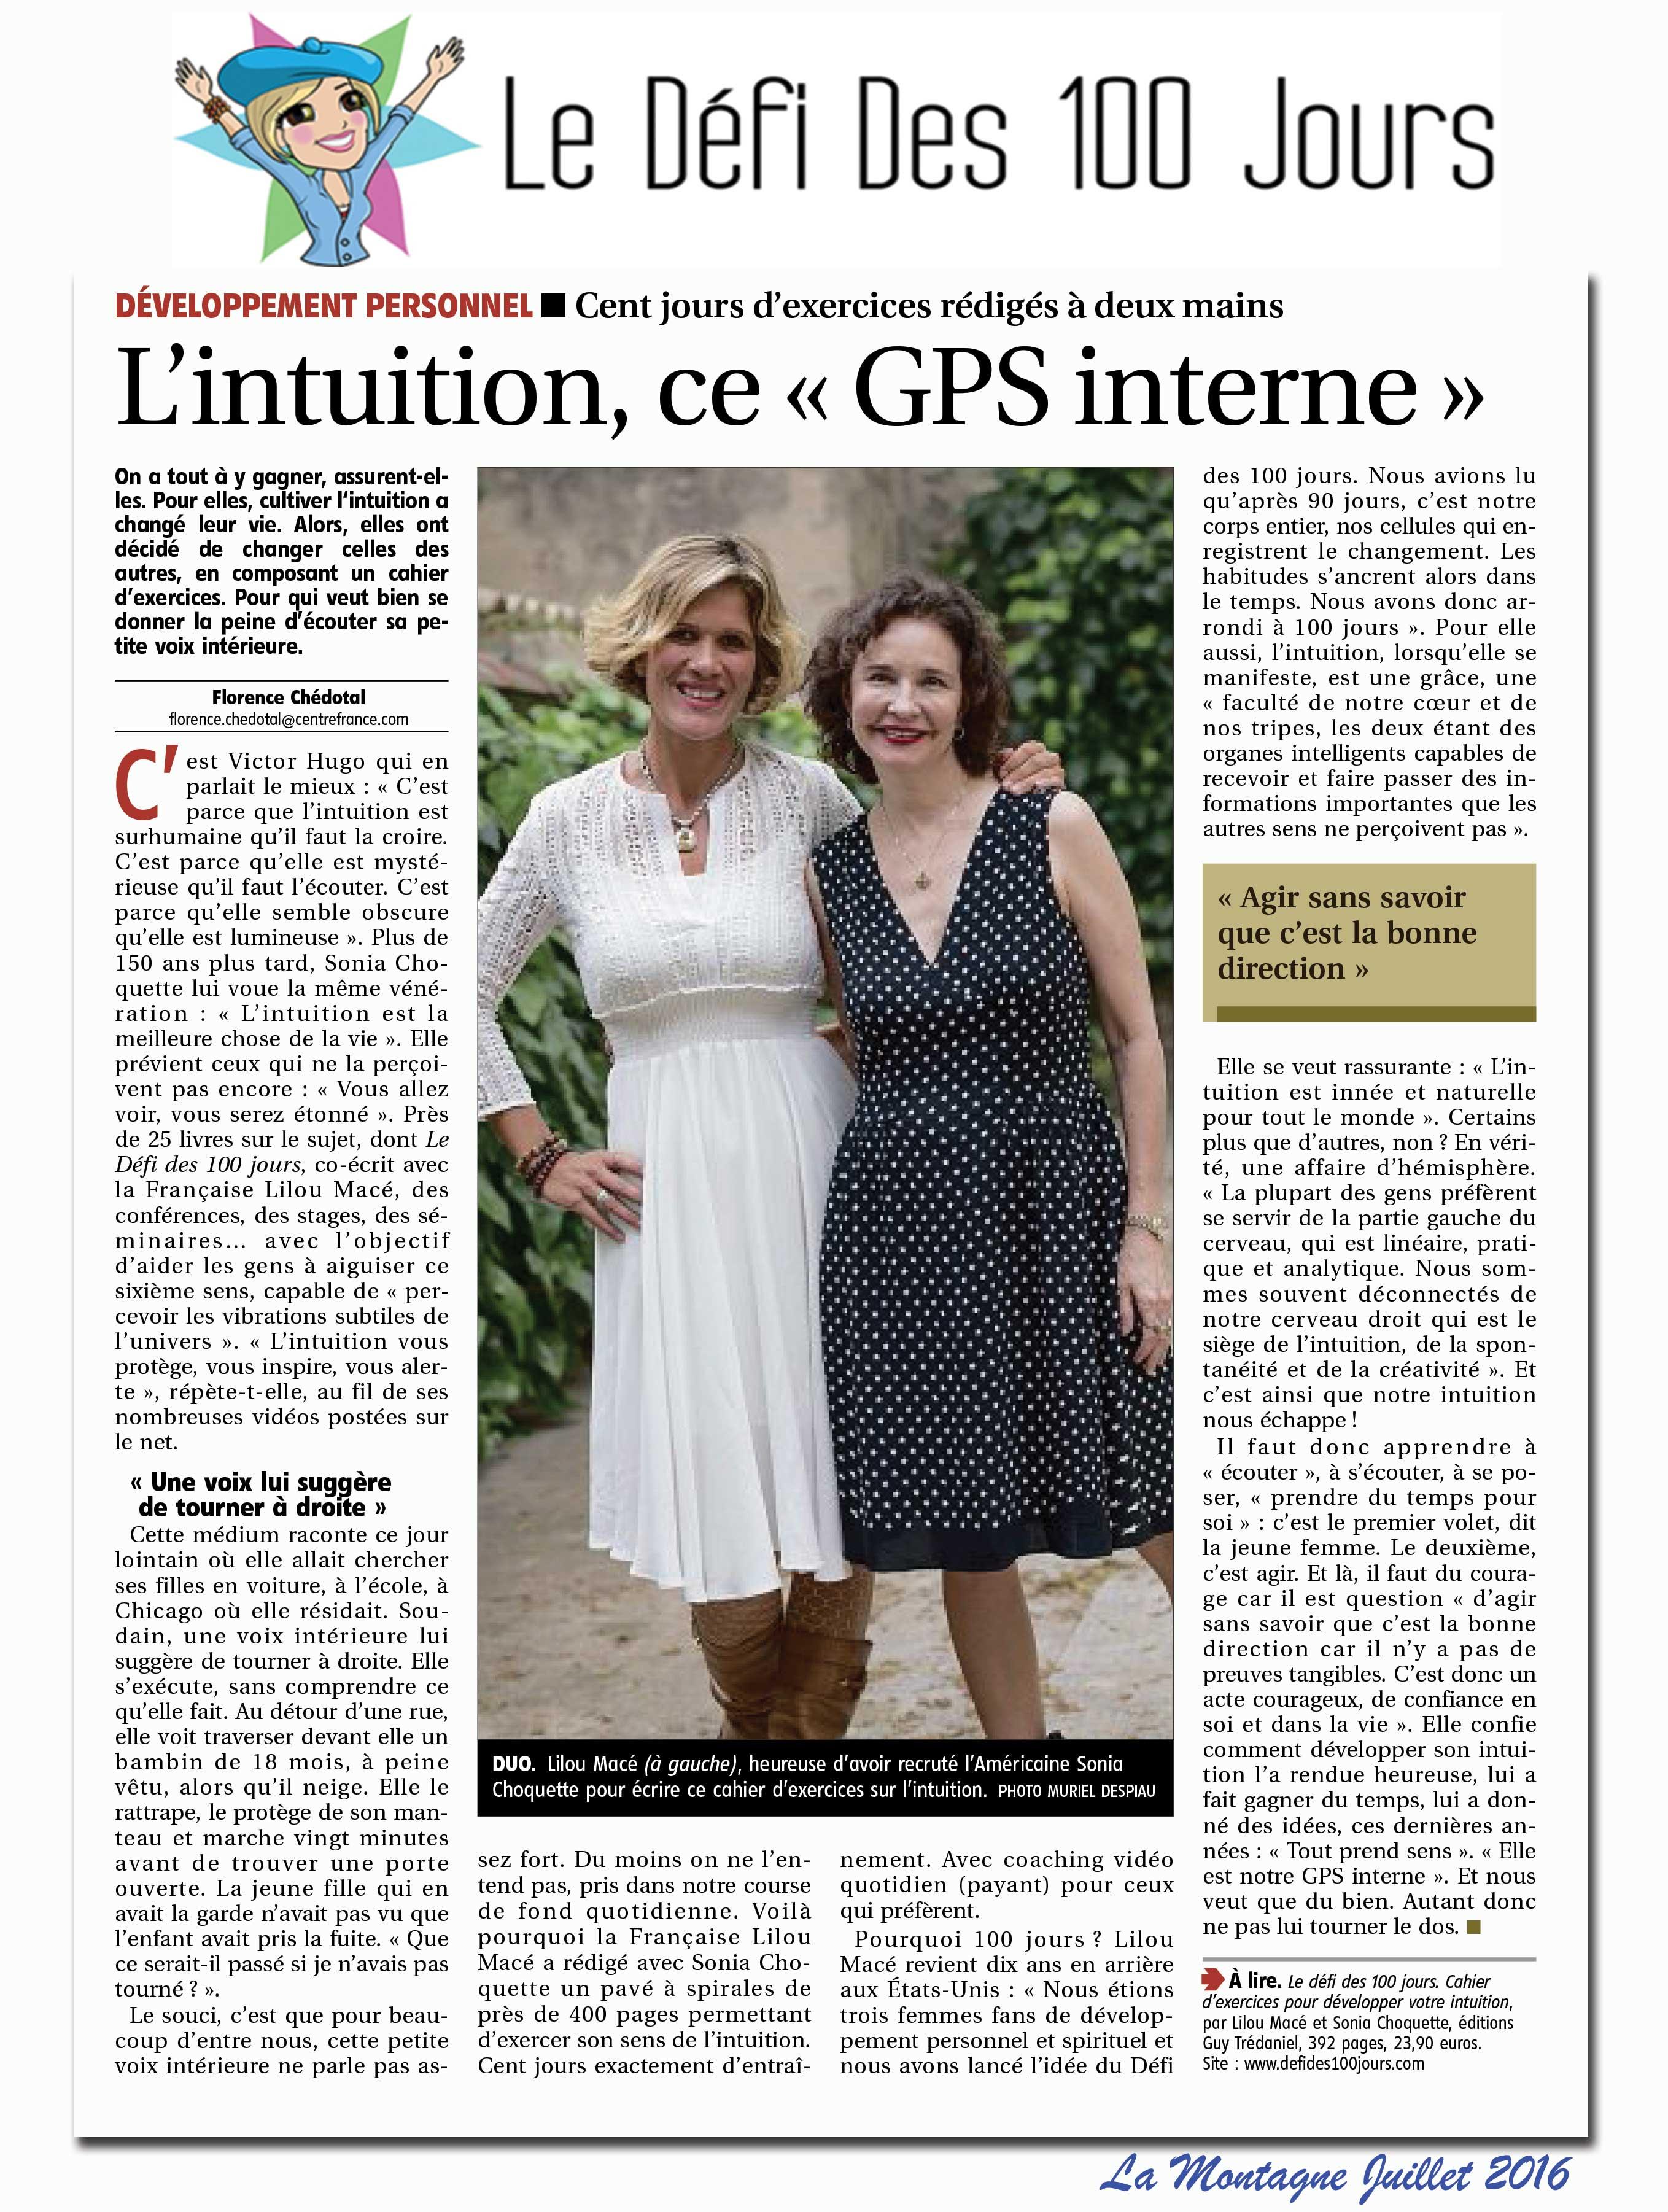 LA MONTAGNE - PARUTION JUILLET 2016 : L'INTUITION, CE GPS INTERNE !